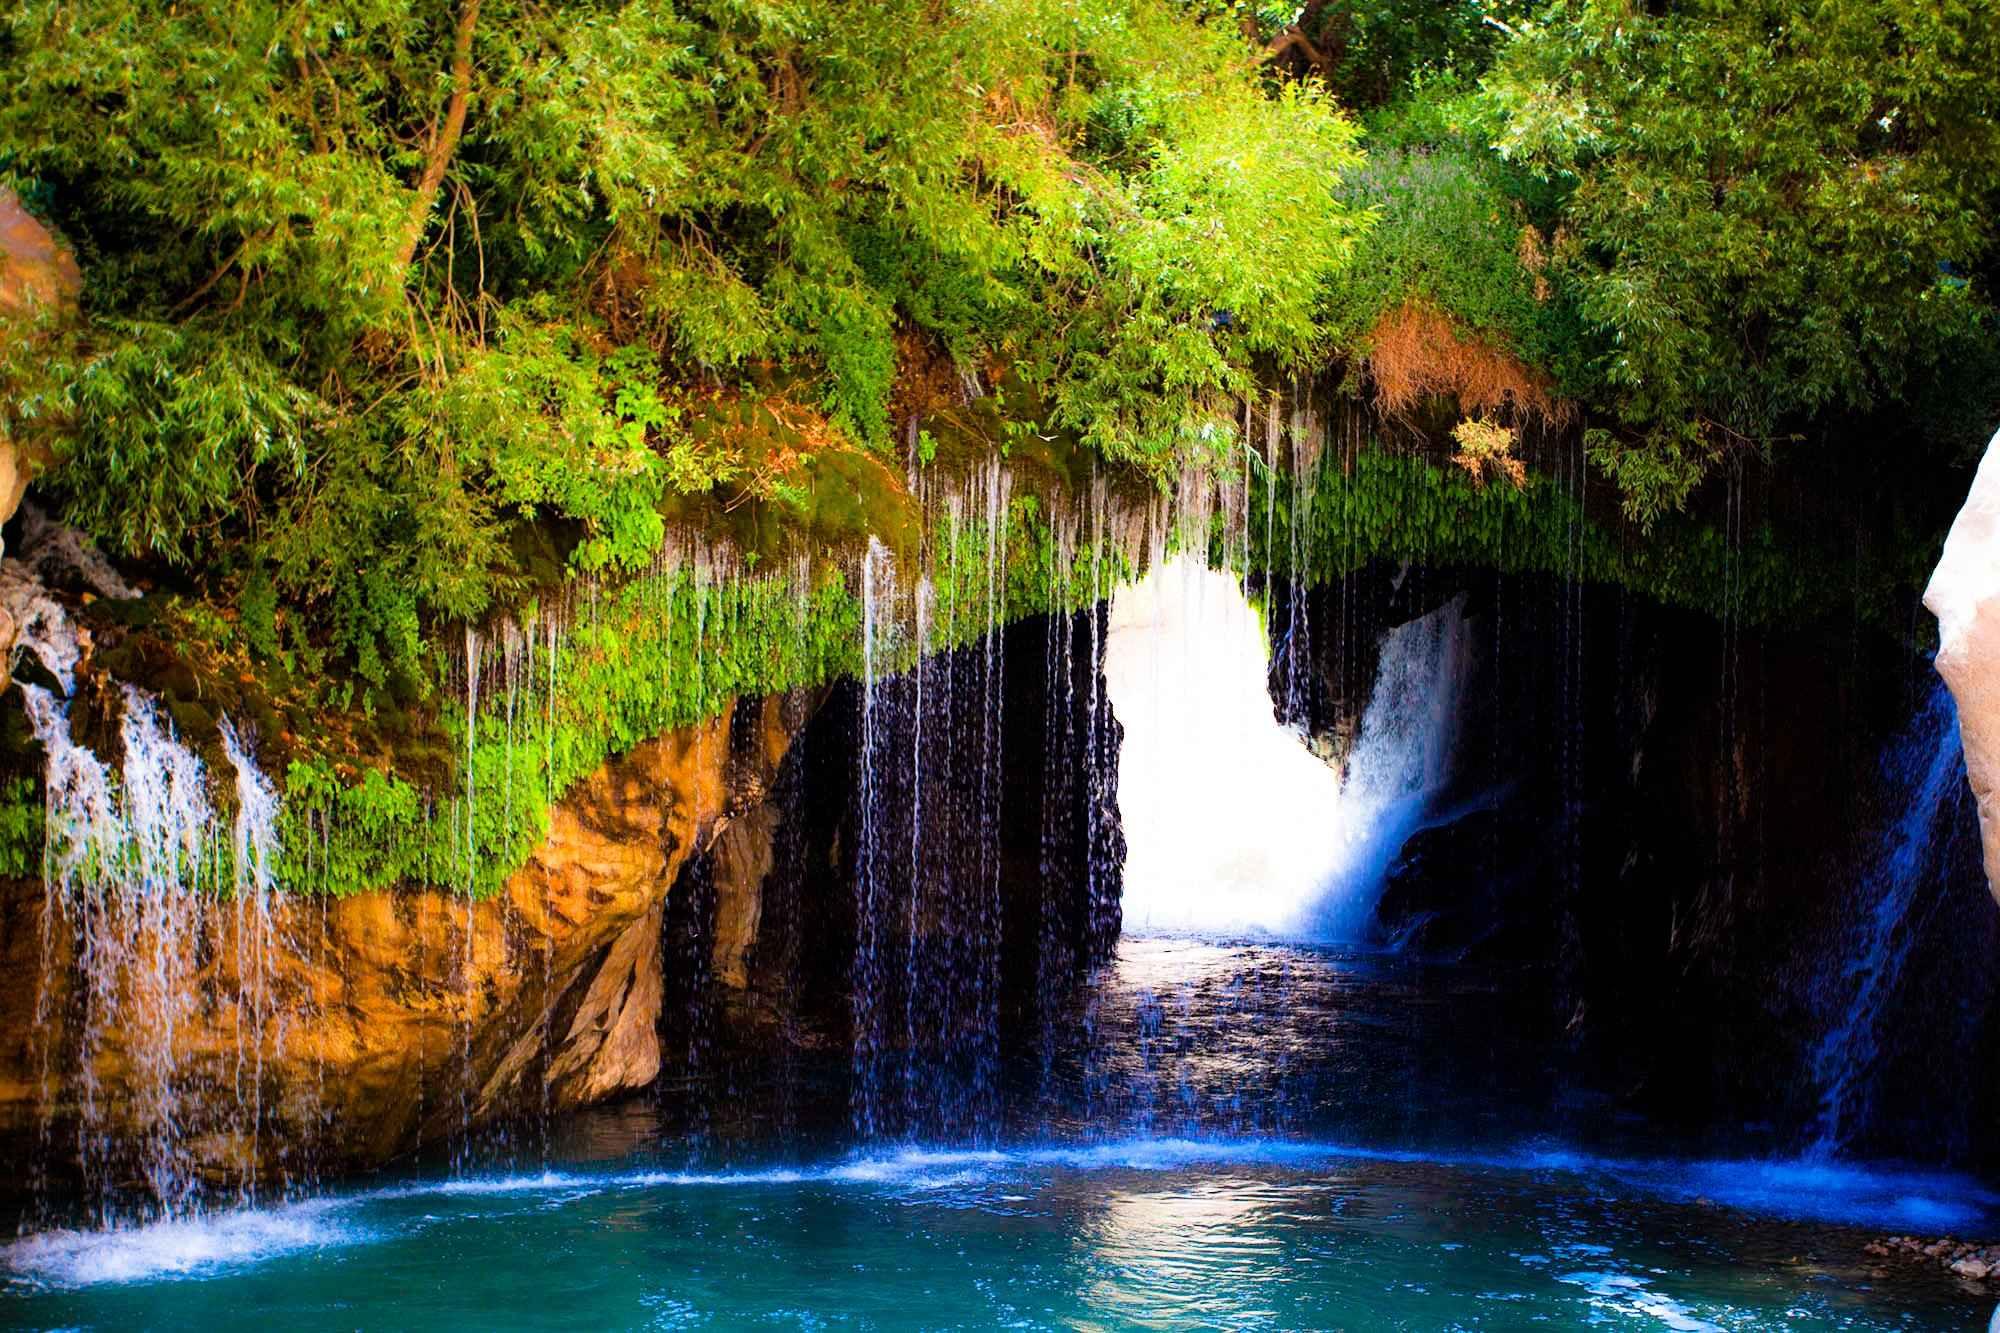 آبشار قه لوه زه روستای نگل